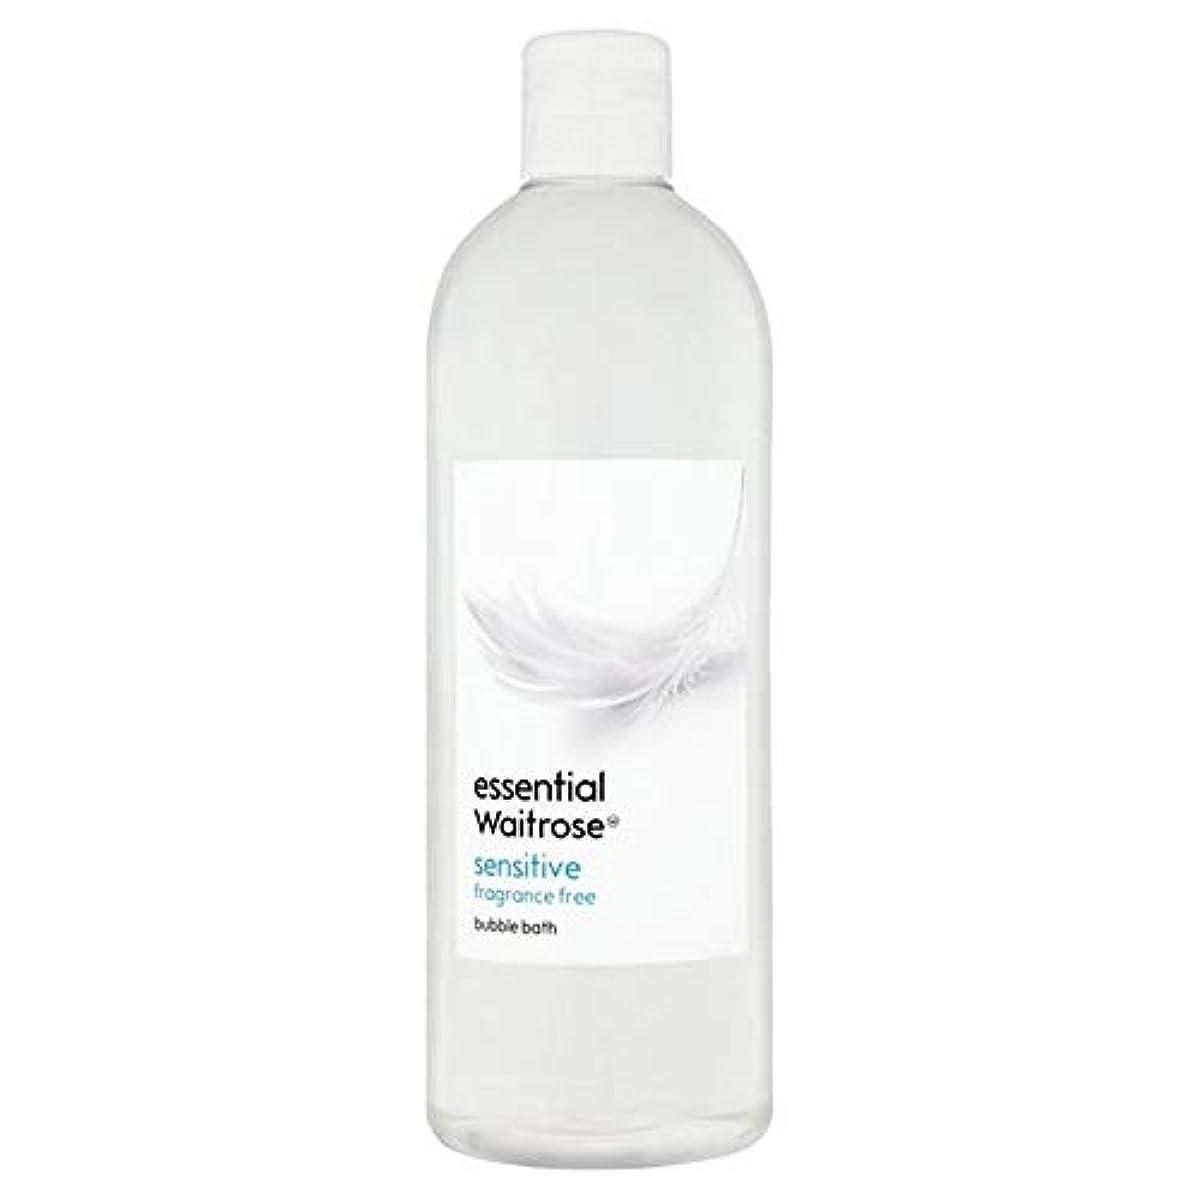 昆虫を見る保険返還[Waitrose ] 基本的なウェイトローズ泡風呂に敏感な750ミリリットル - Essential Waitrose Bubble Bath Sensitive 750ml [並行輸入品]